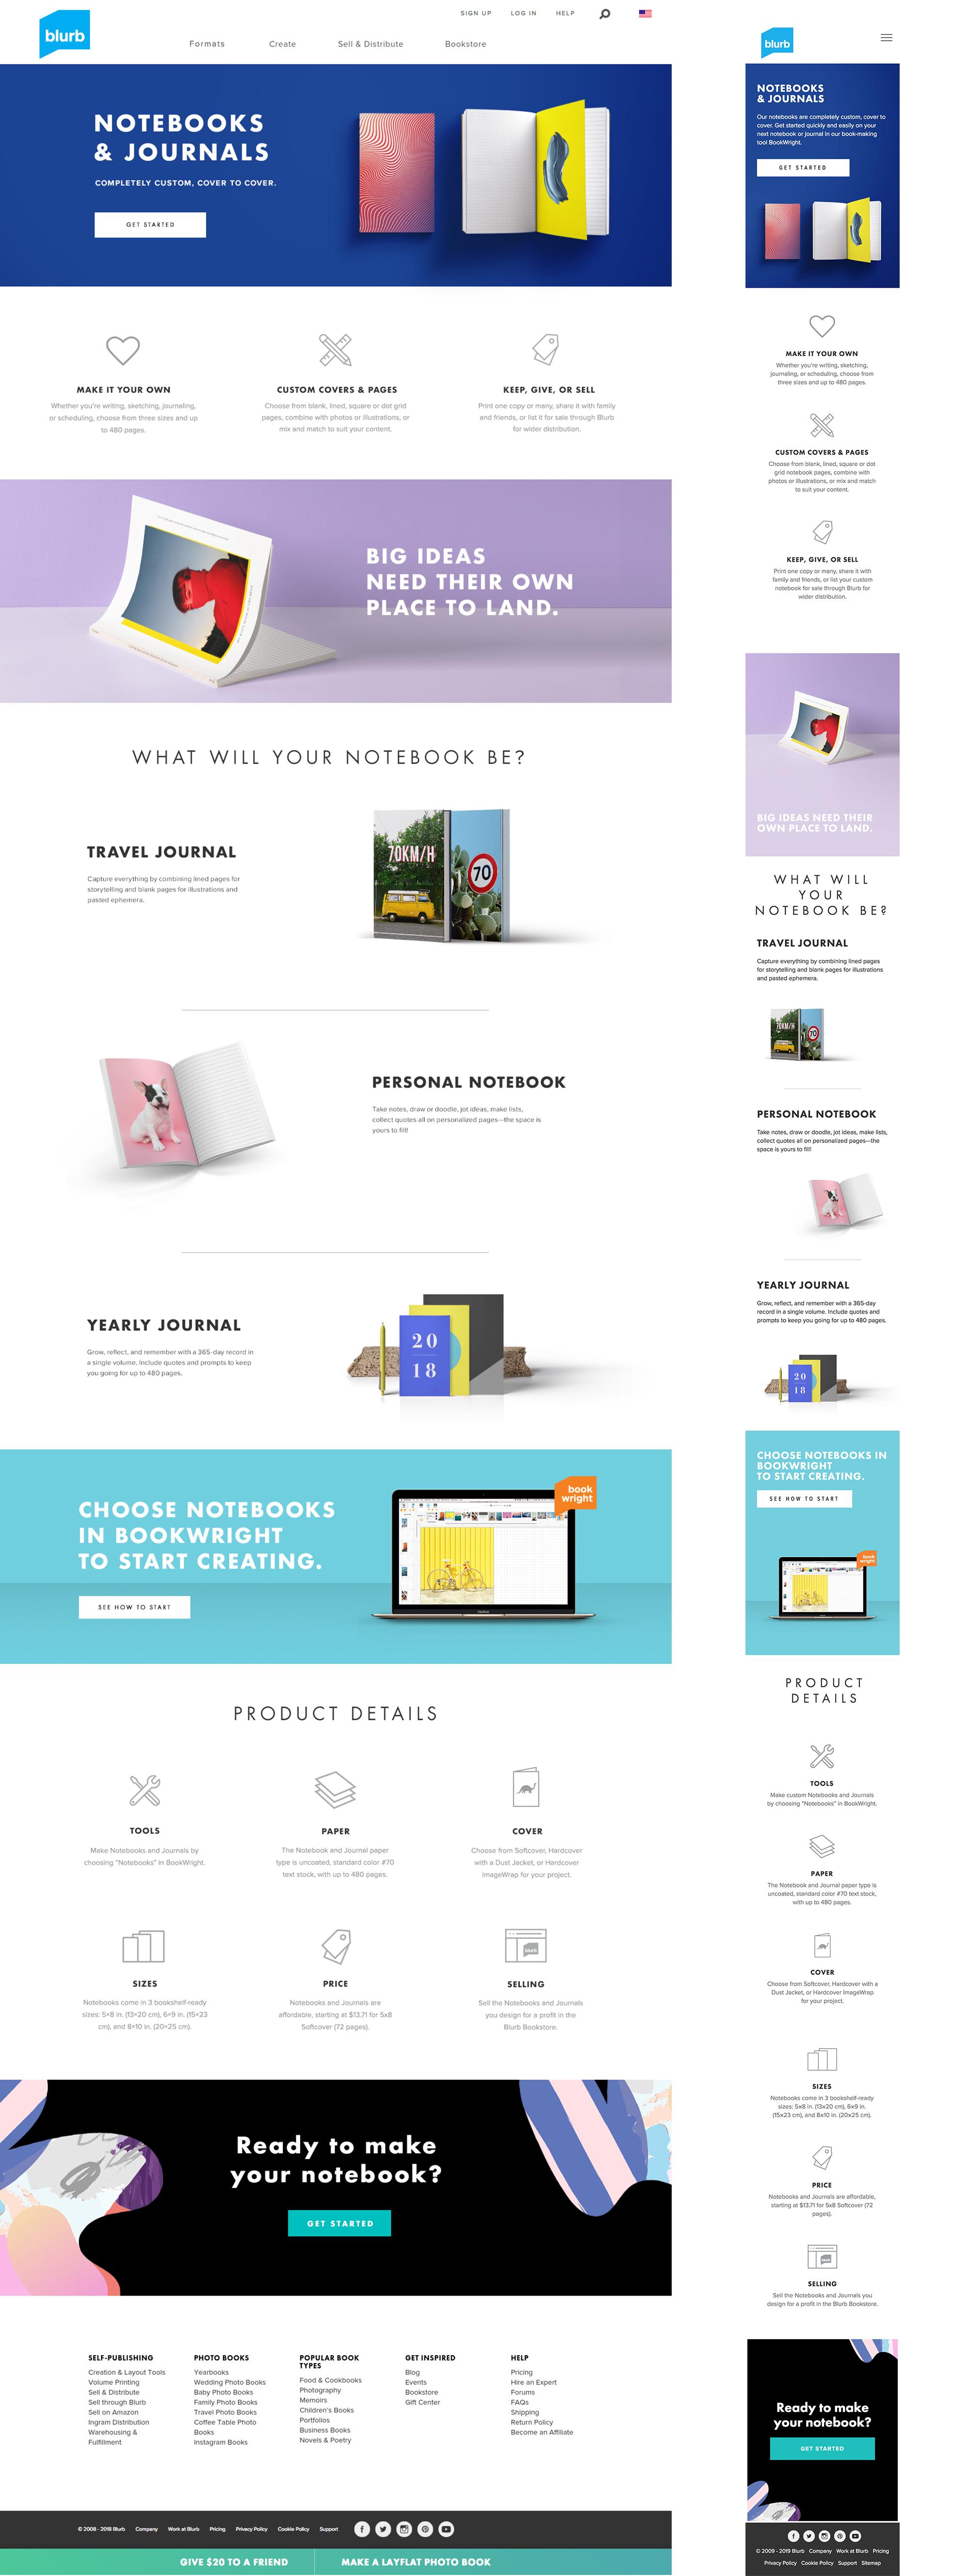 LPs_v4-Notebooks.jpg